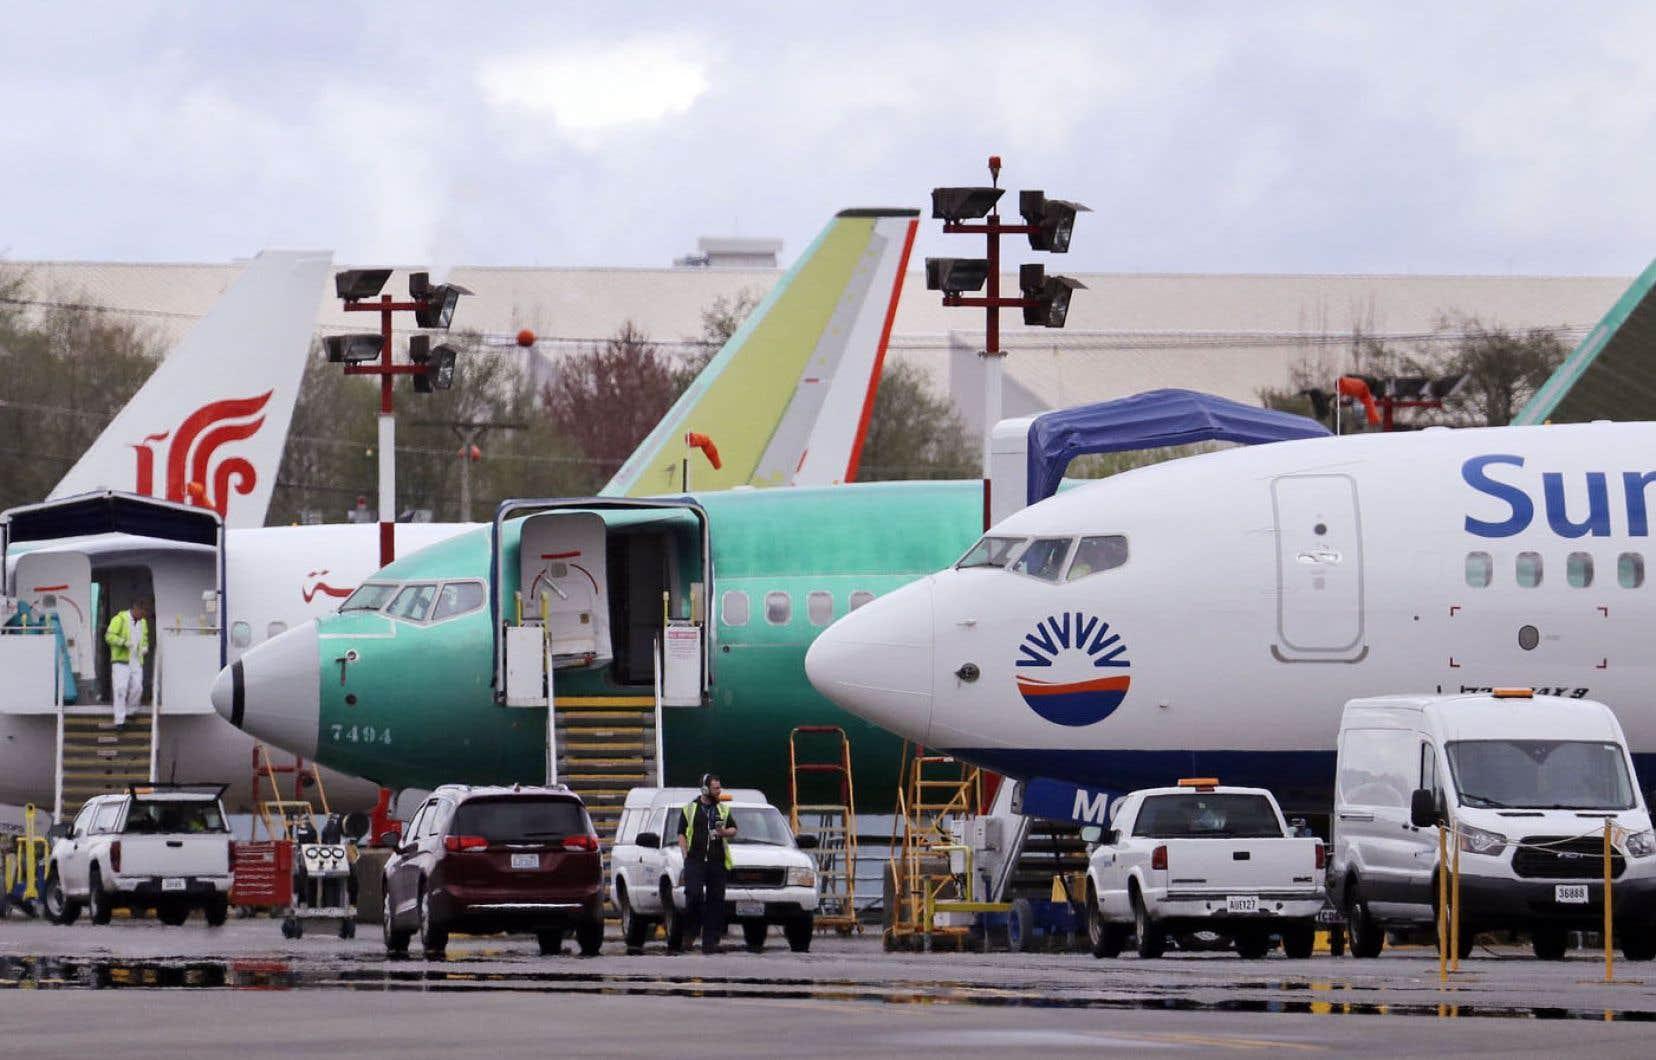 Le 737 MAX, l'appareil phare du constructeur américain Boeing, est cloué au sol depuis plus de 70 jours.